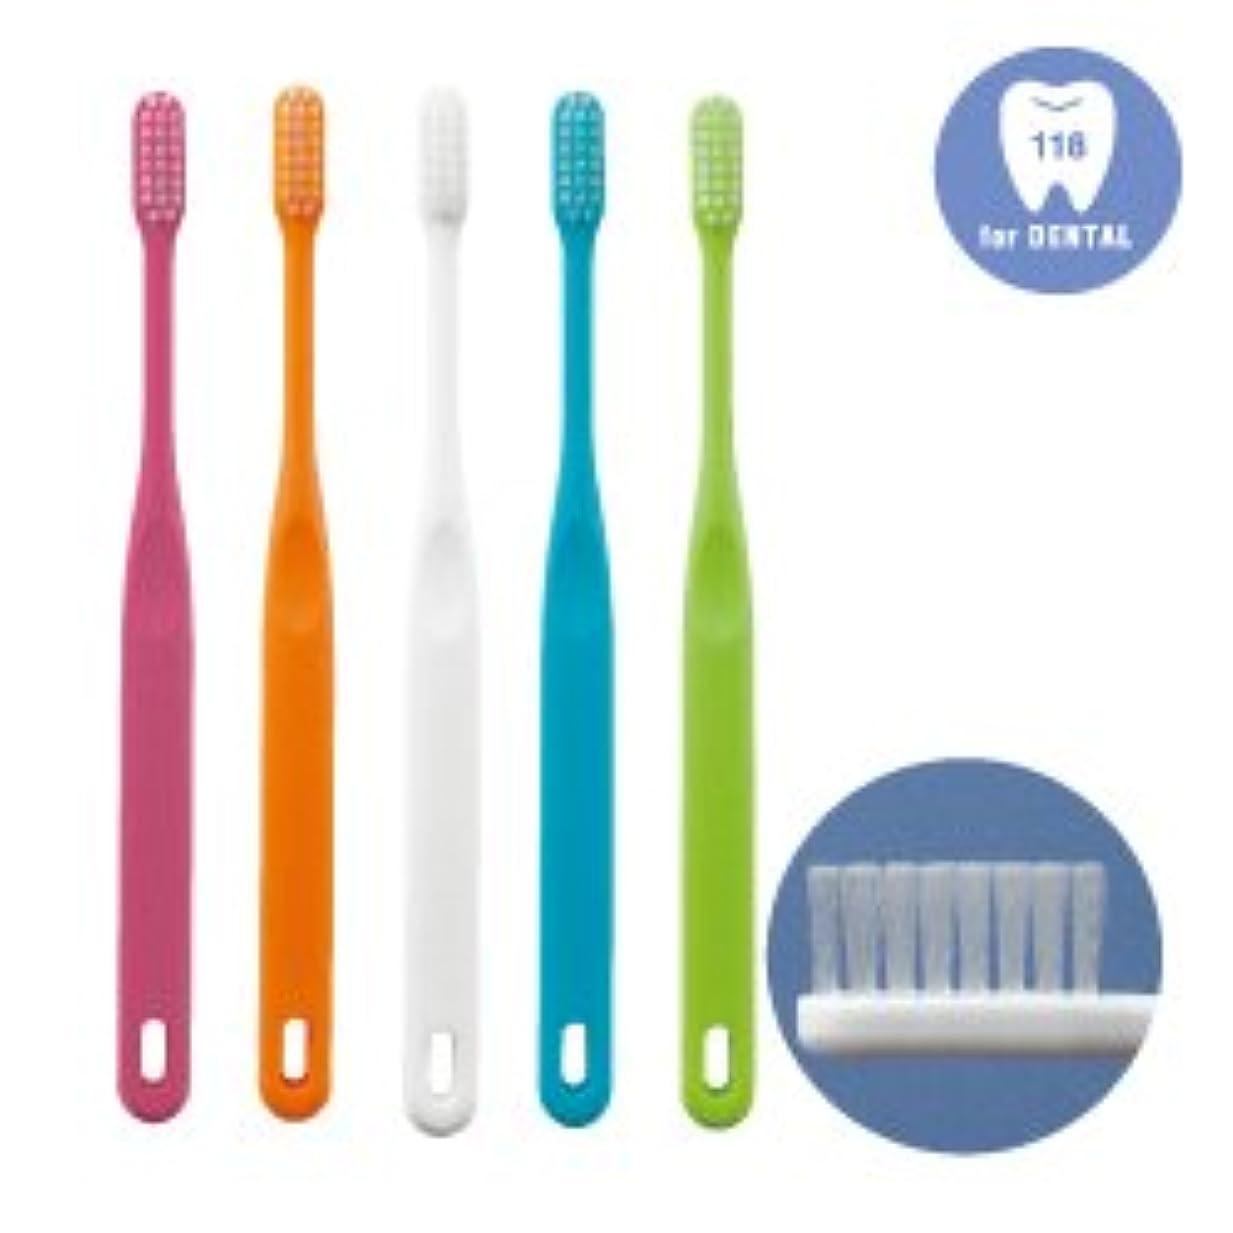 文字通り知事シェル歯科専用歯ブラシ「118シリーズ」Advance(アドバンス)M(ふつう)25本